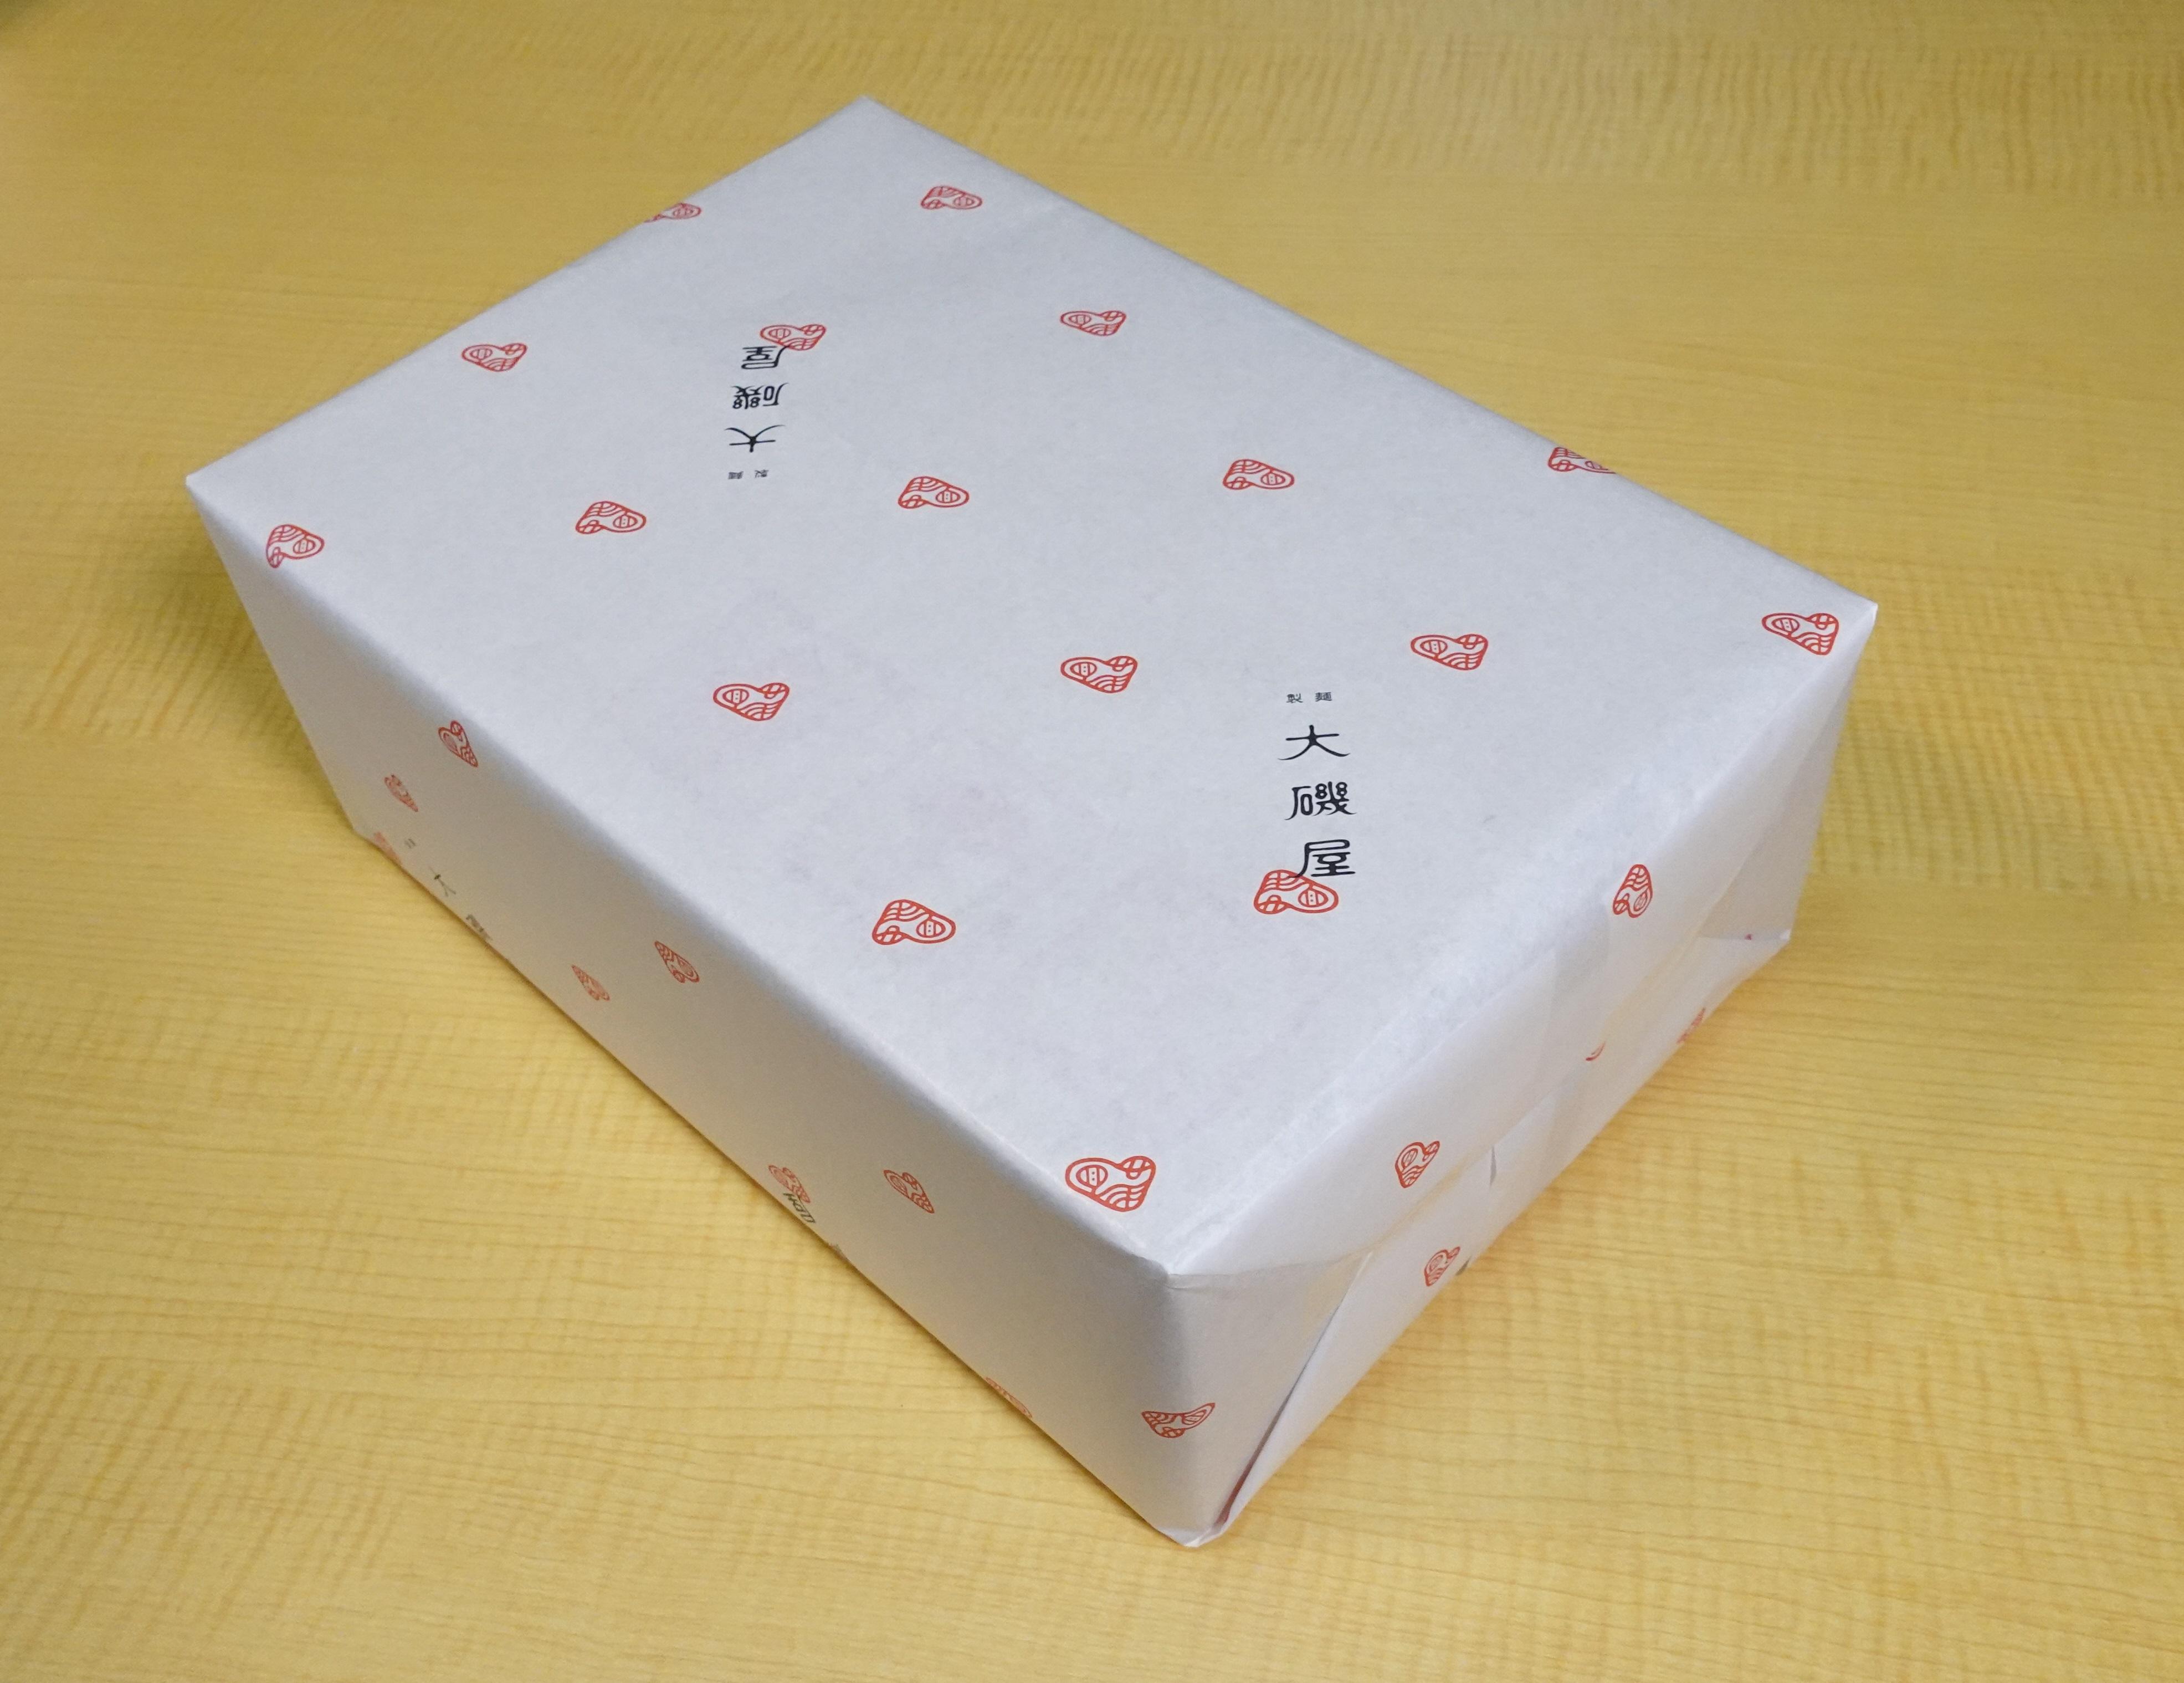 包装追加(大磯屋オリジナル包装紙使用)